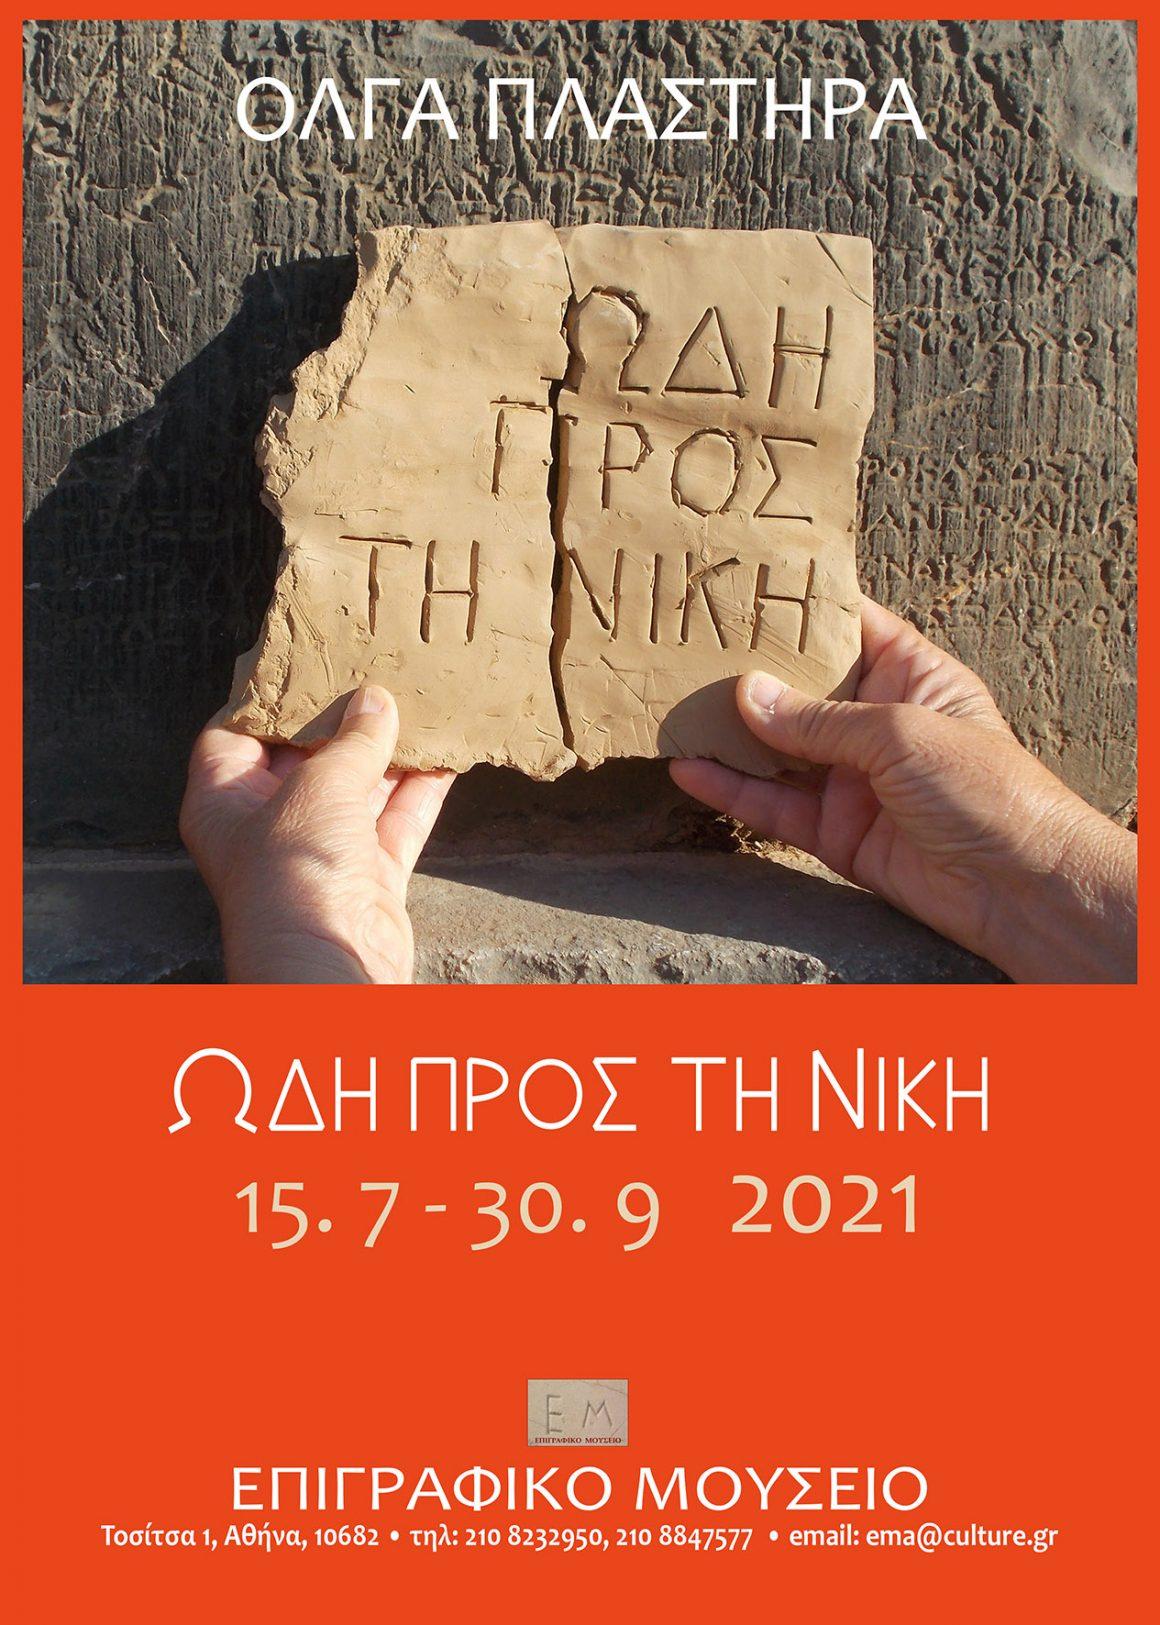 Έκθεση Όλγας Πλαστήρα «Ωδή προς τη Νίκη»